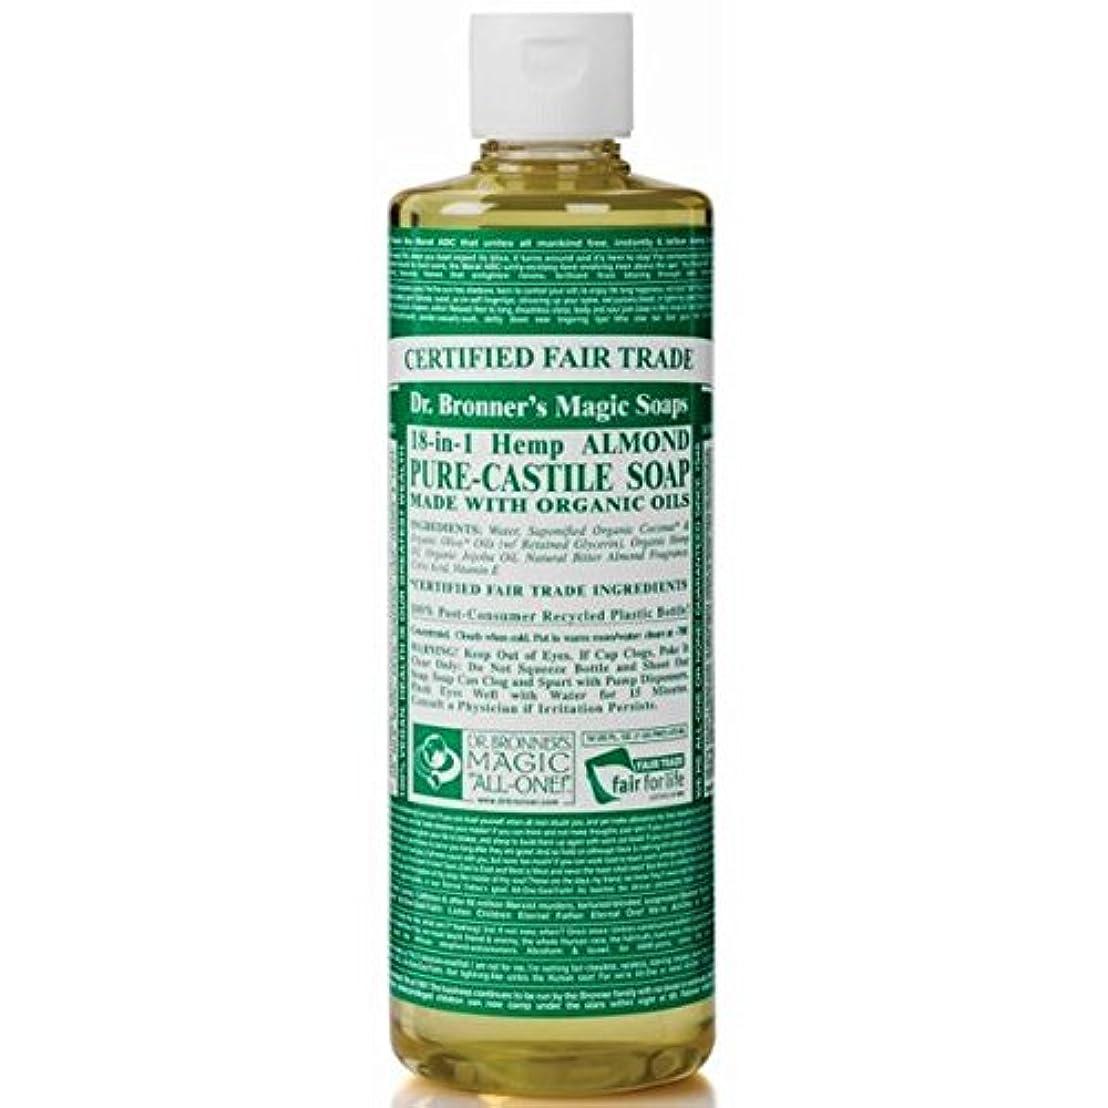 リダクターここに推進、動かすのブロナー有機アーモンドカスティーリャ液体石鹸237ミリリットル x2 - Dr Bronner Organic Almond Castile Liquid Soap 237ml (Pack of 2) [並行輸入品]